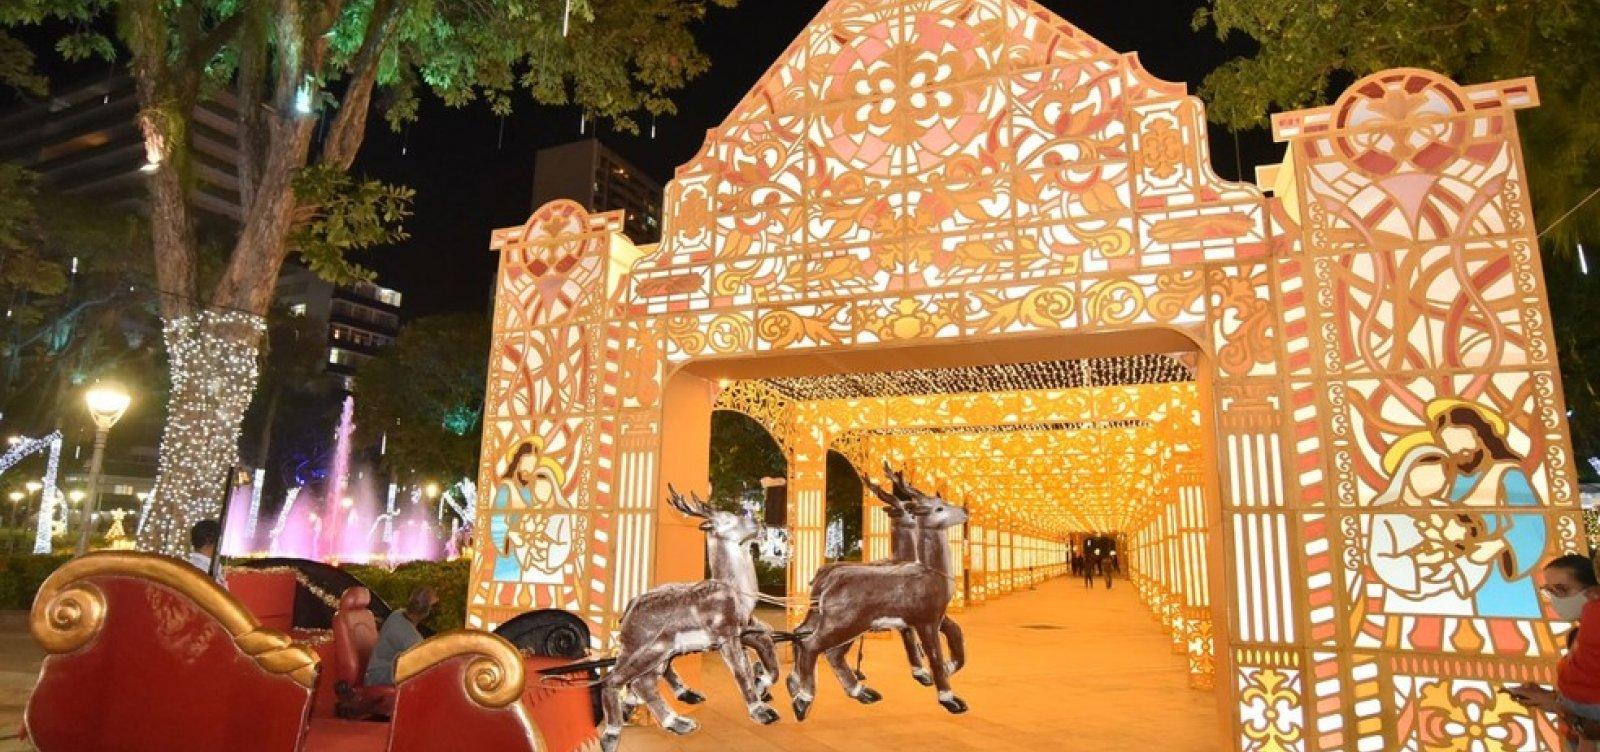 [Decoração de natal no Campo Grande só poderá ser visitado através de agendamento]